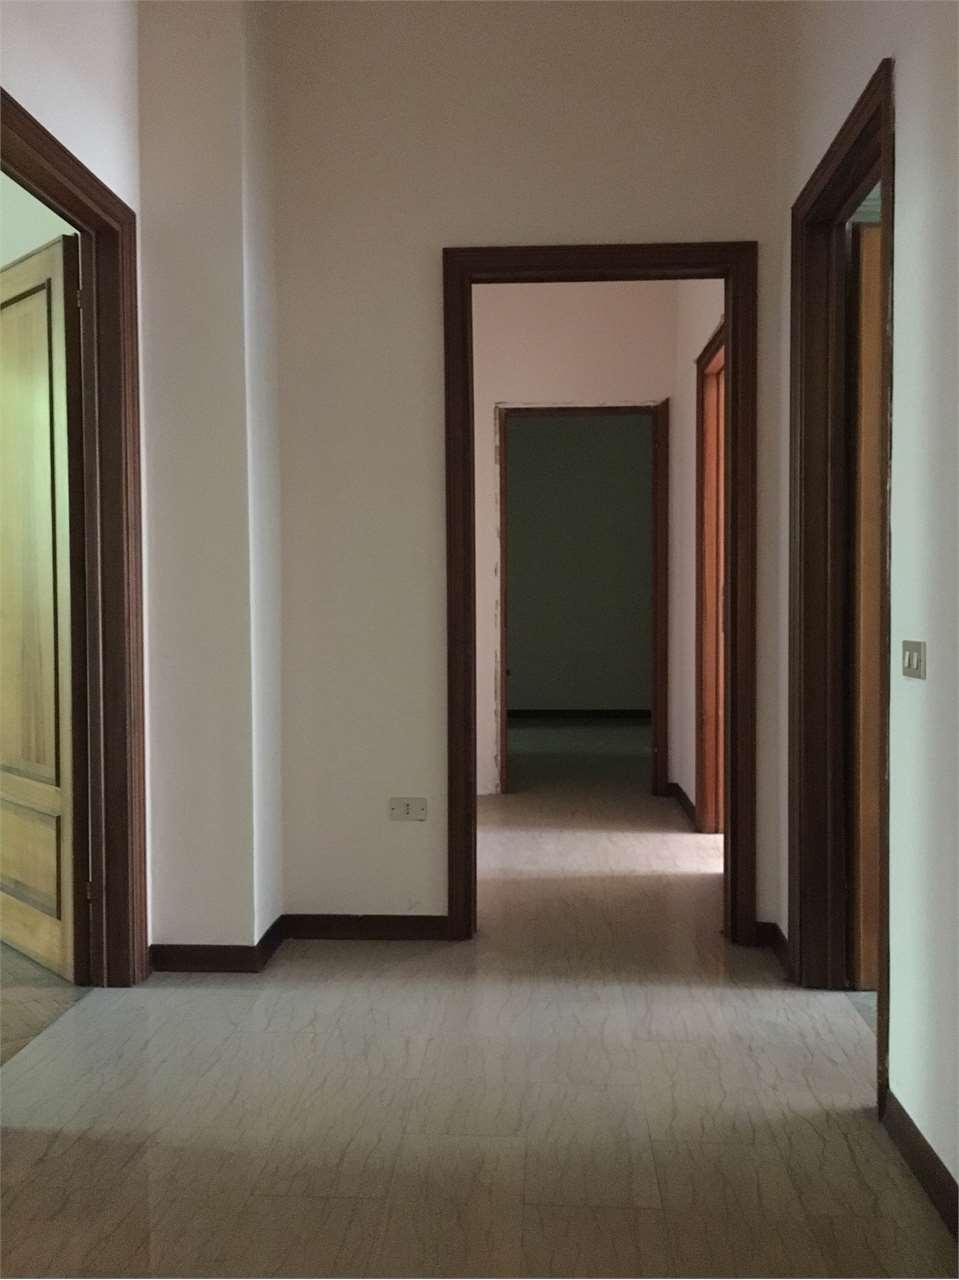 Vendita Quadrilocale Appartamento Mantova via alberto mario  240131